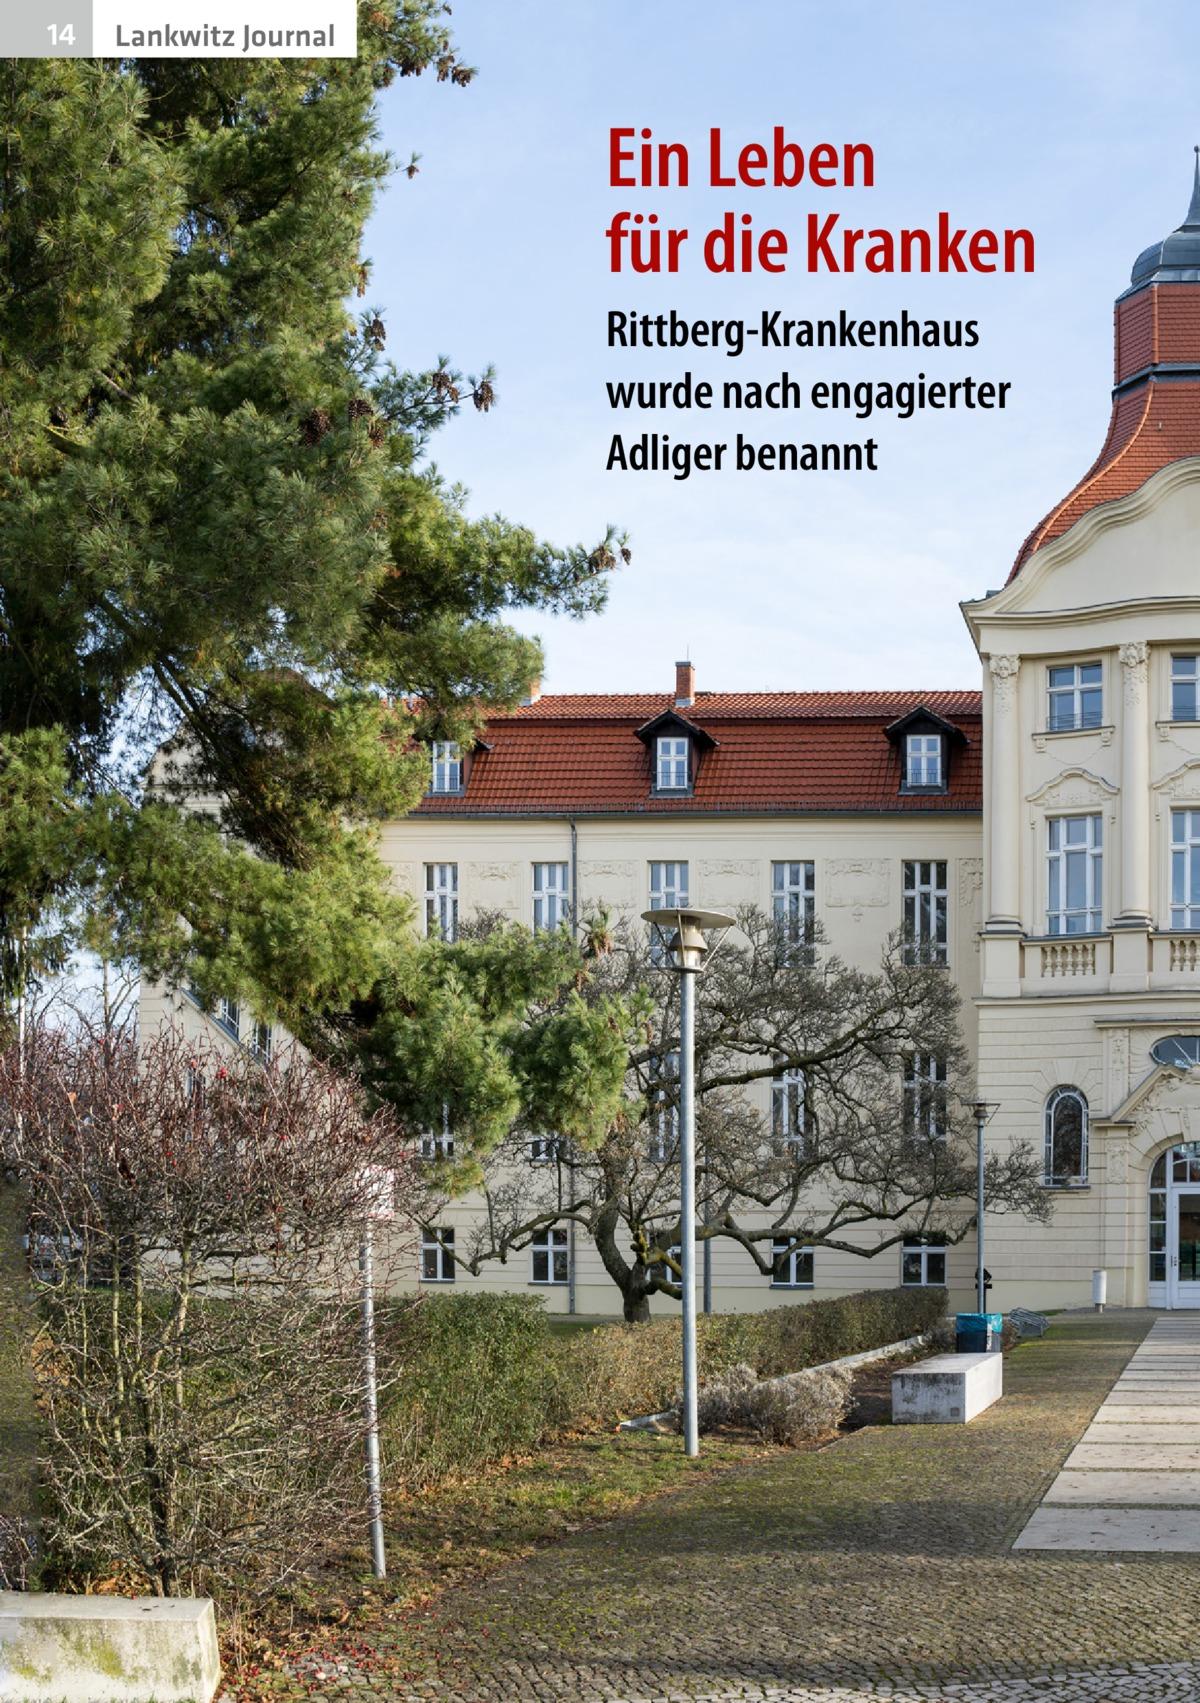 14  Gesundheit Lankwitz Journal  Ein Leben für die Kranken Rittberg-Krankenhaus wurde nach engagierter Adliger benannt